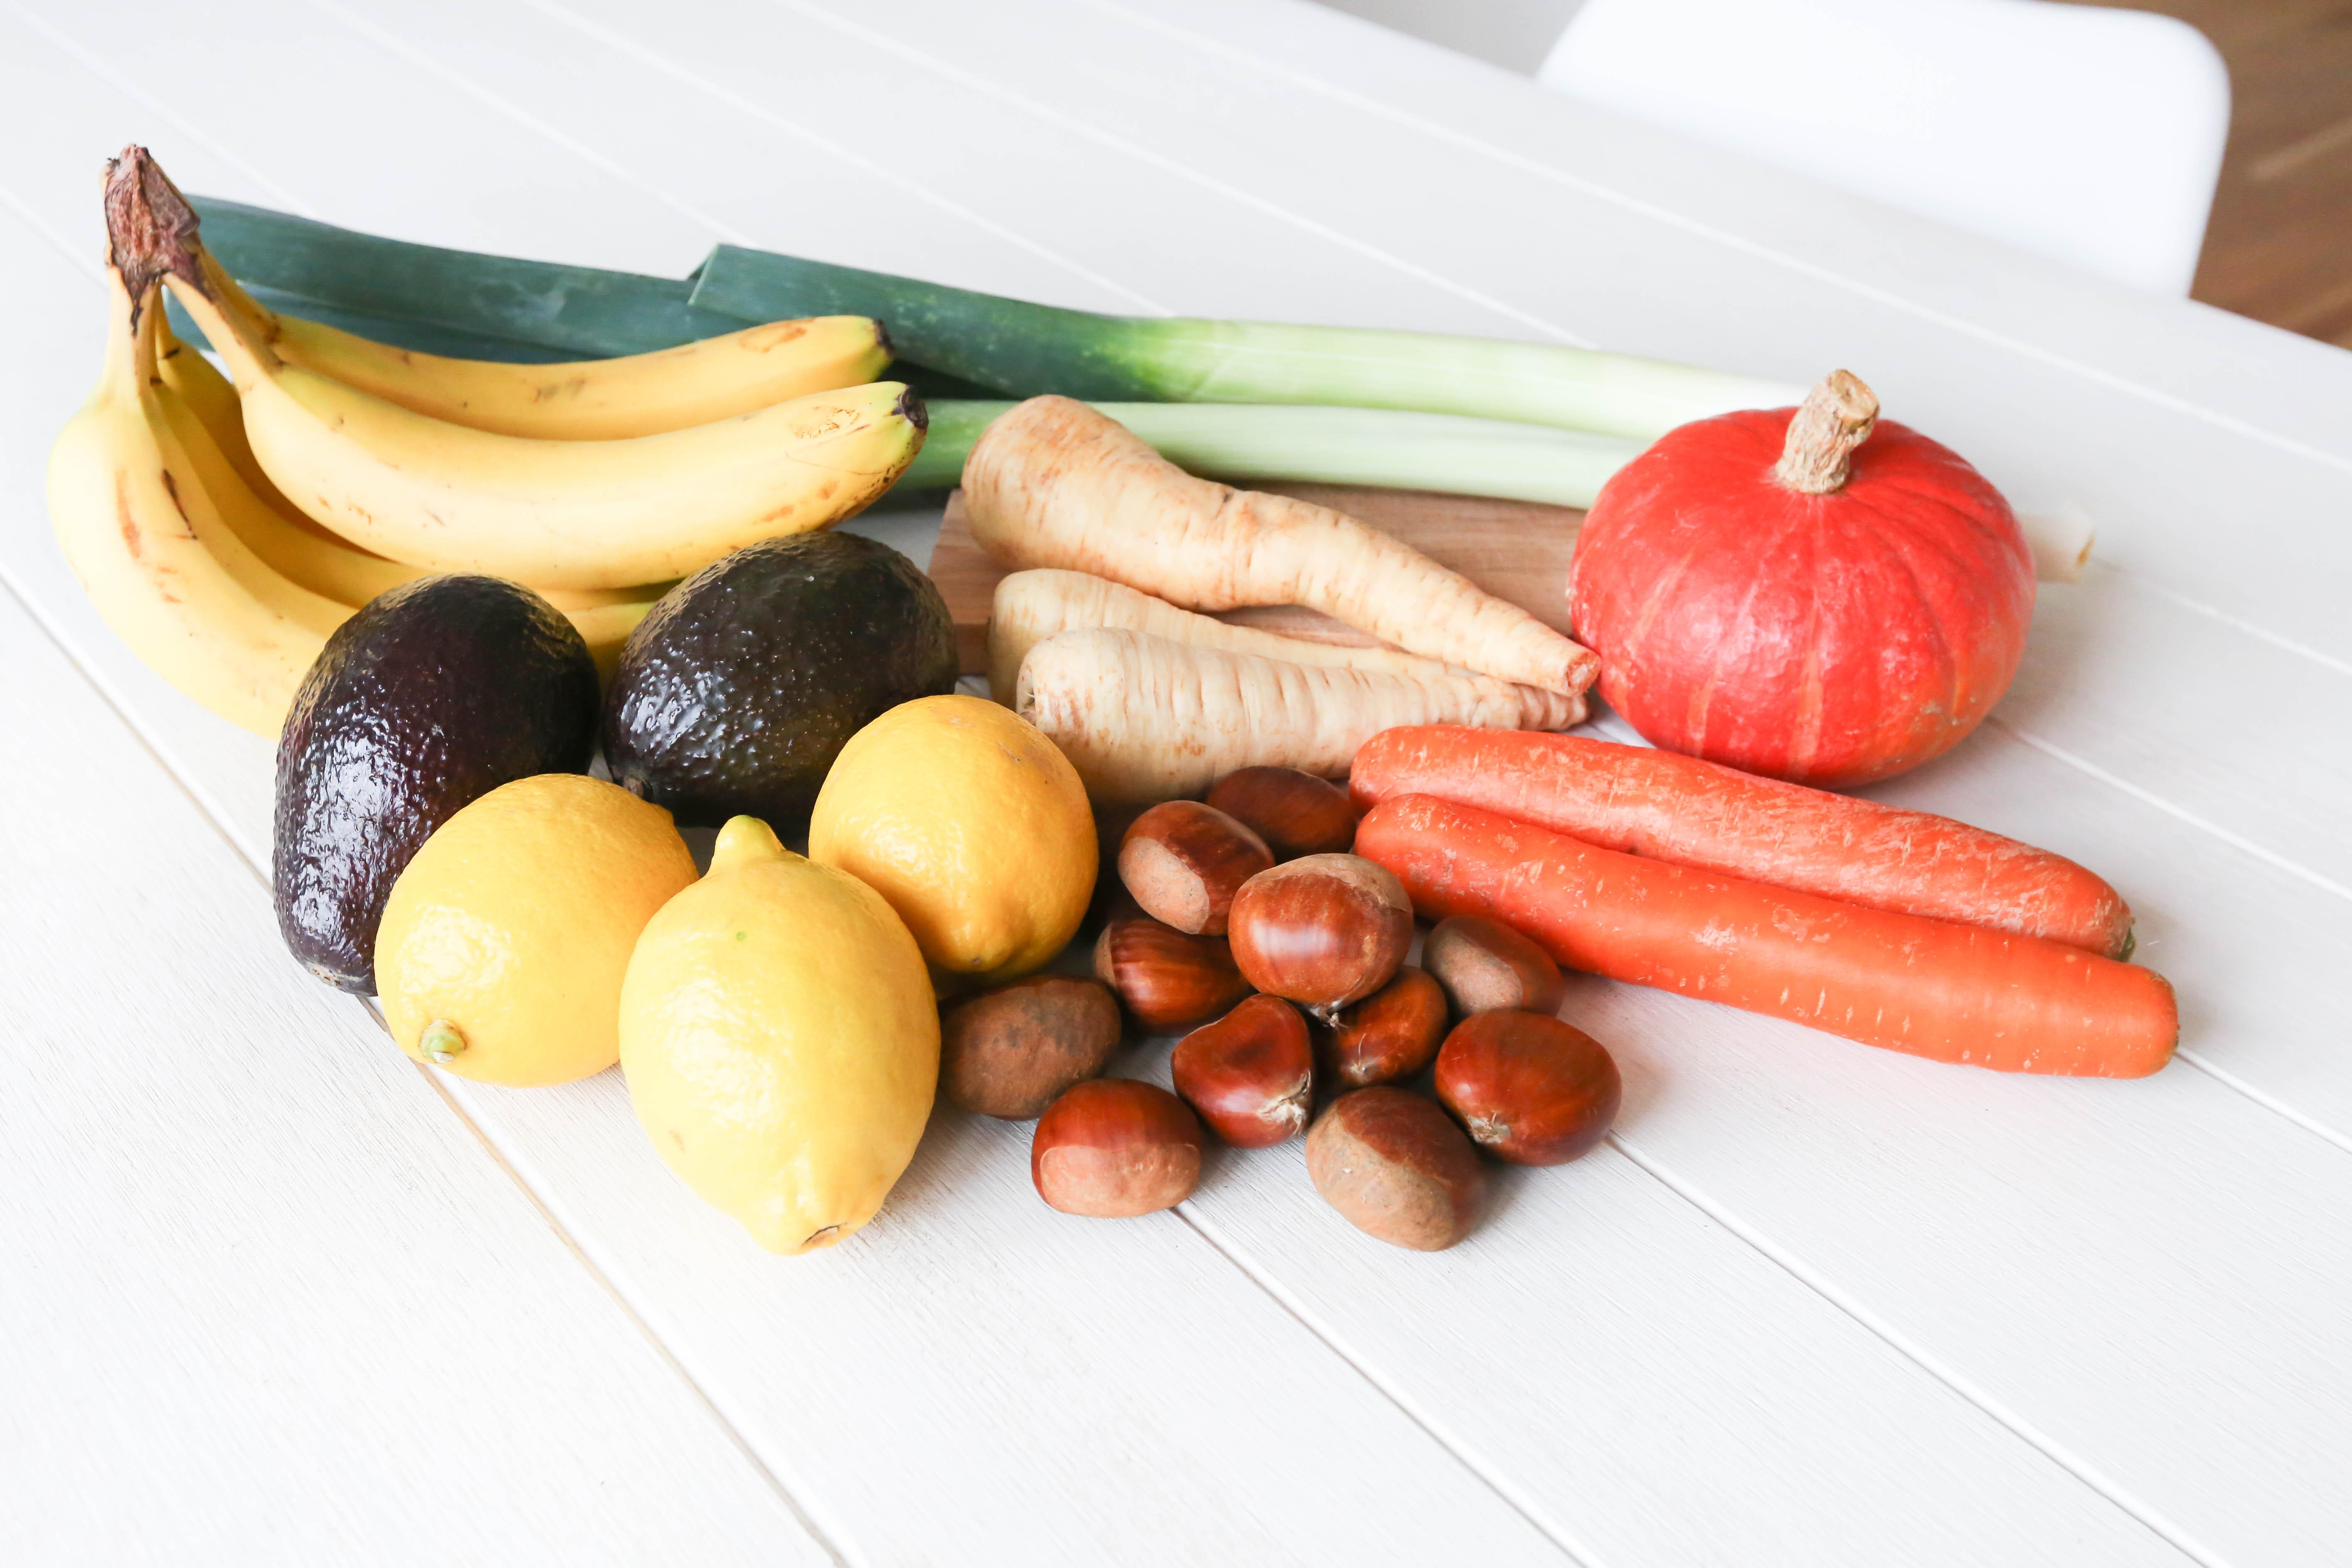 les bienfaits de manger local et de saison fruits l gumes du mois de novembre ally bing. Black Bedroom Furniture Sets. Home Design Ideas